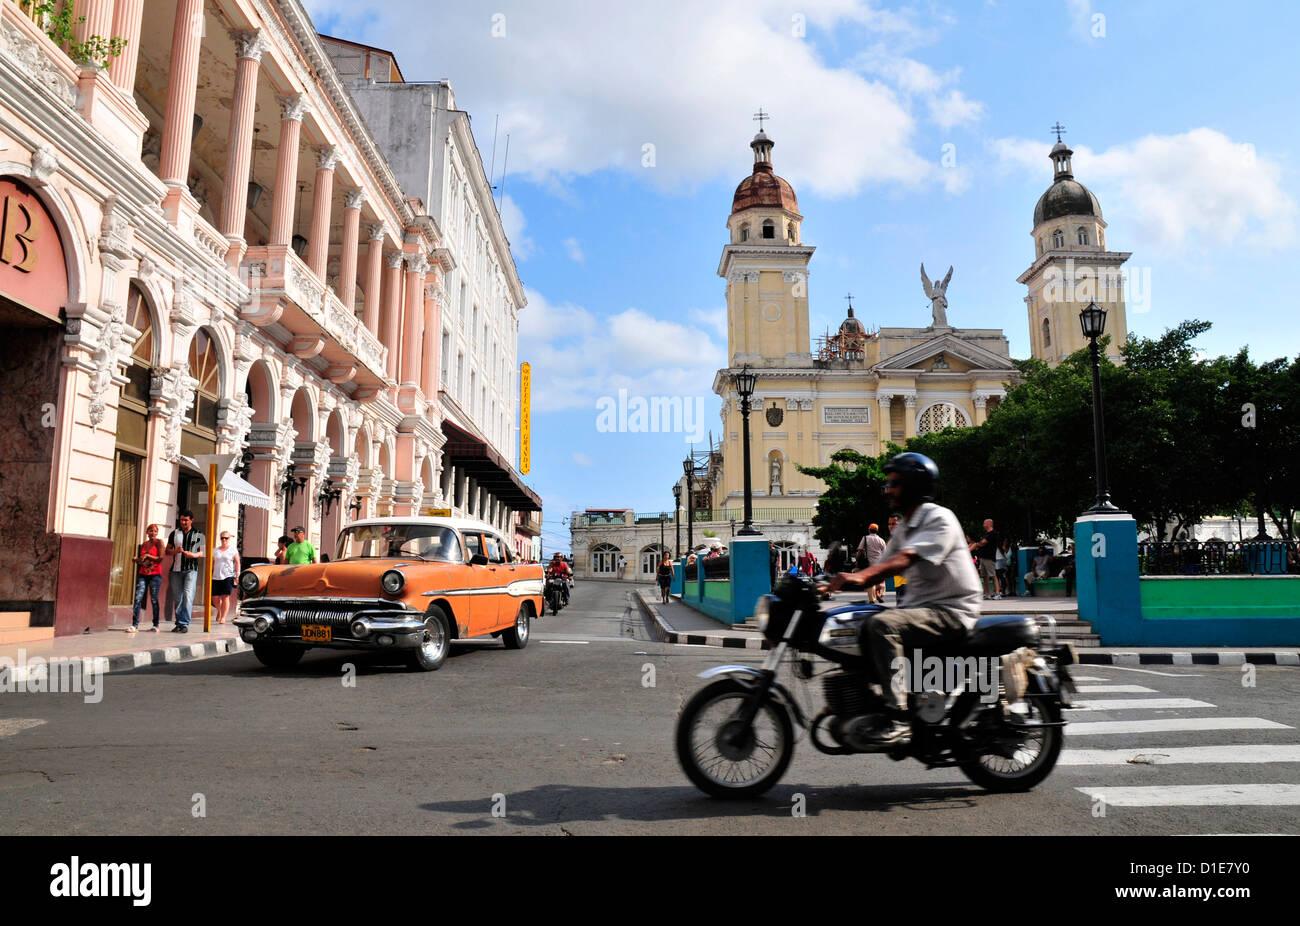 Santiago de Cuba busy street scene - Stock Image